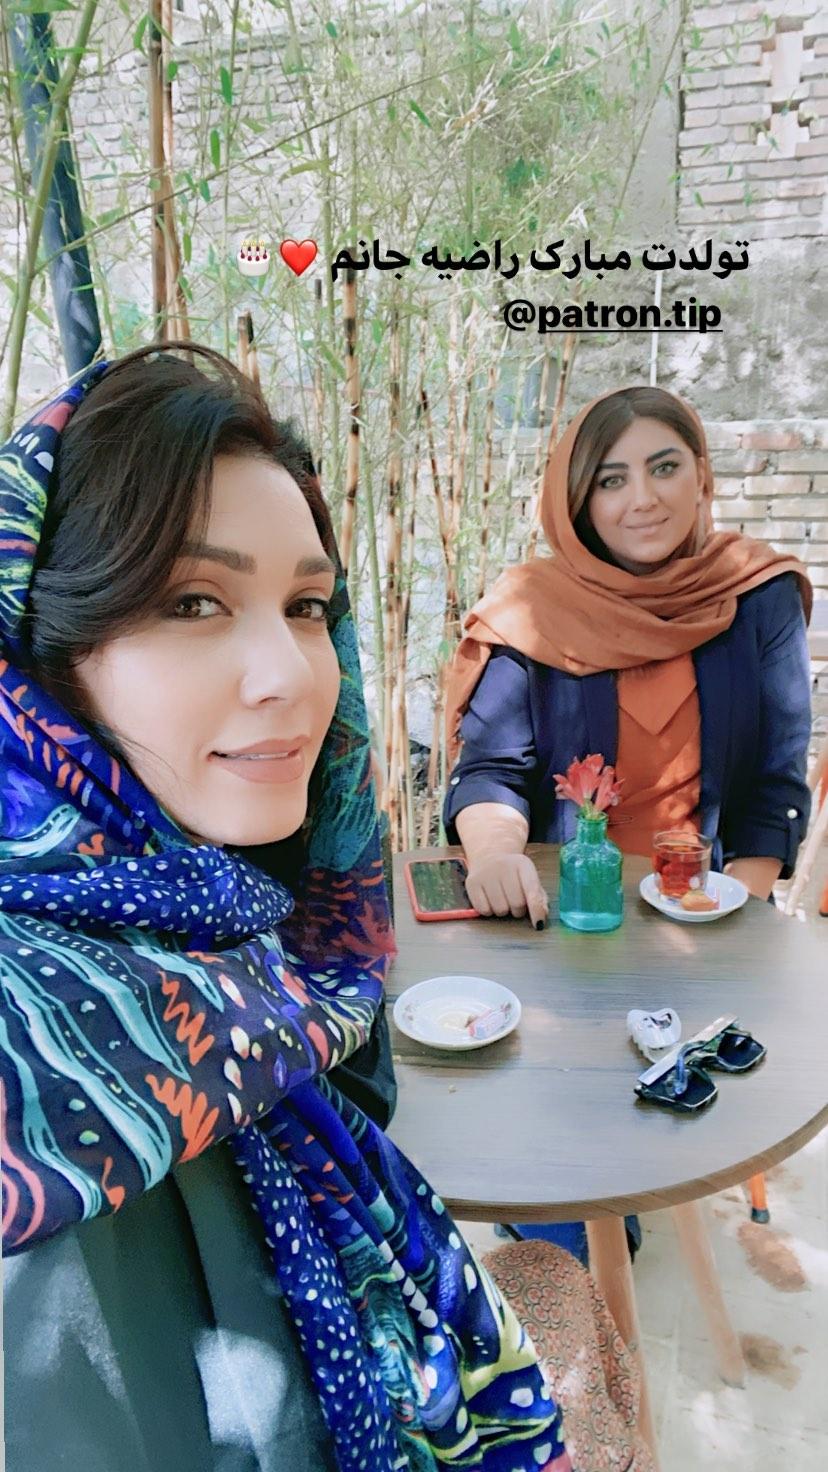 shahrzadkamalzadeh_2609440708548919366_405659688